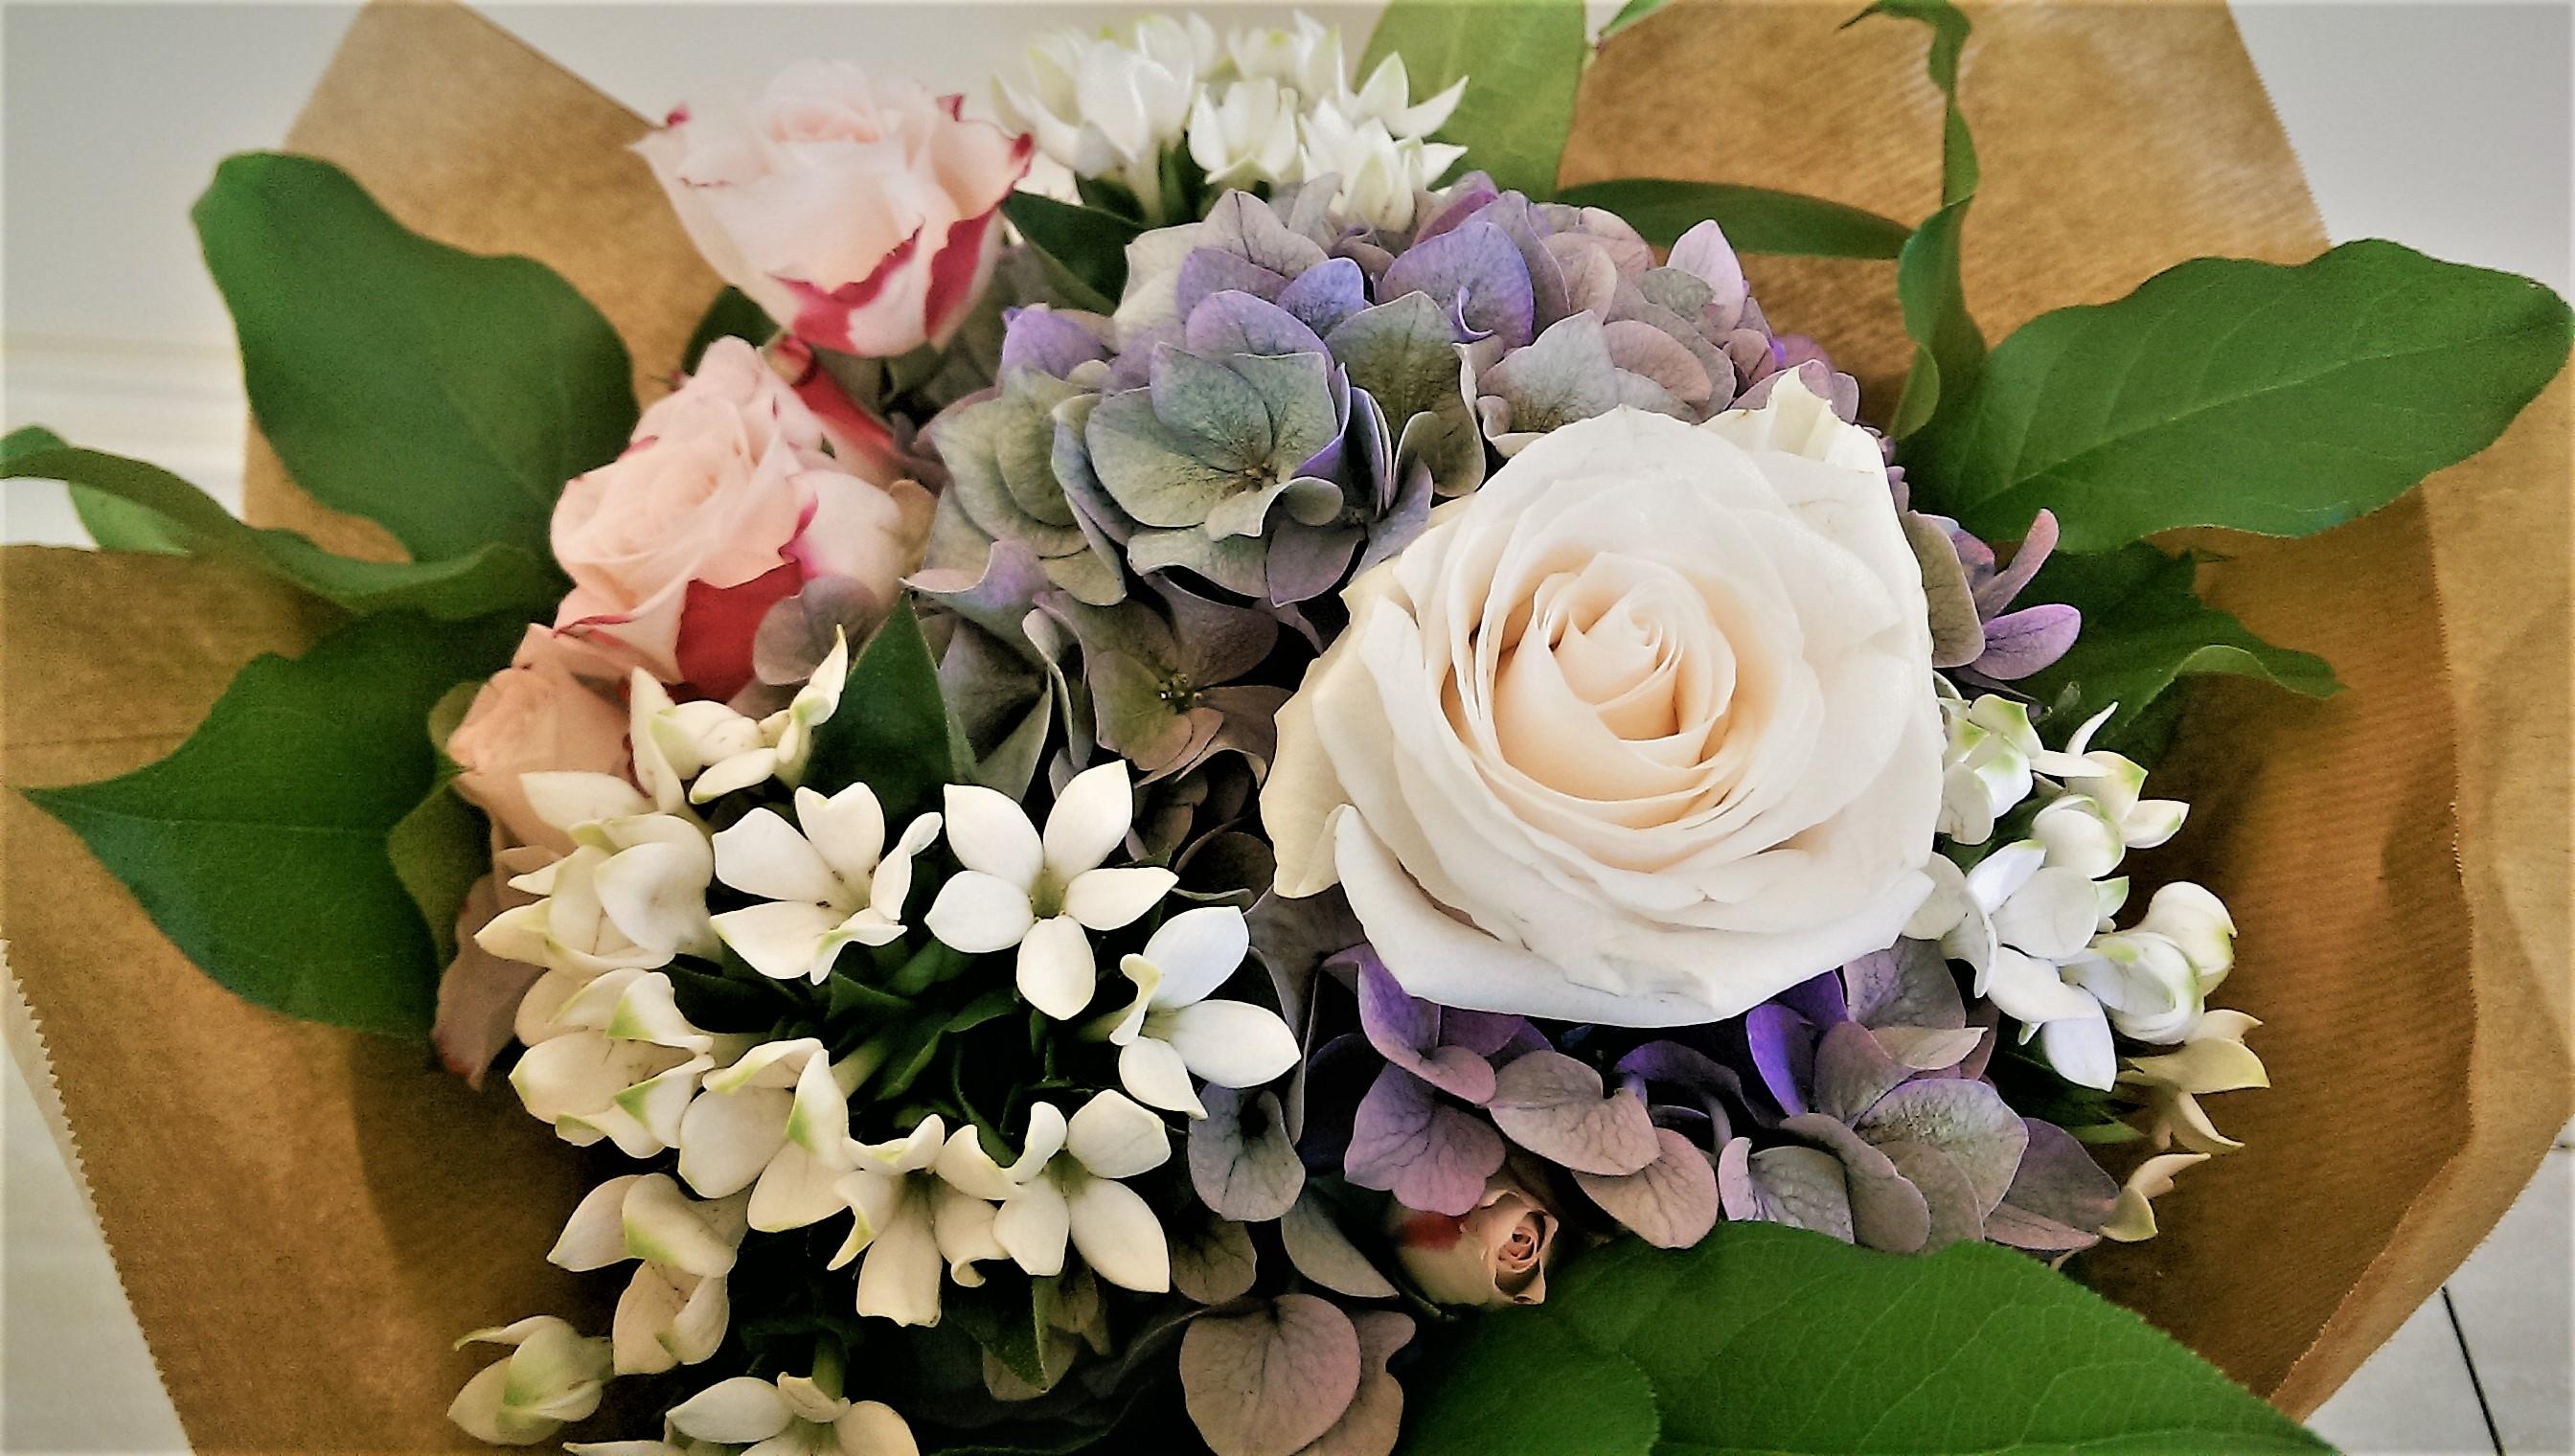 5 motive pentru care merita sa cumperi flori online